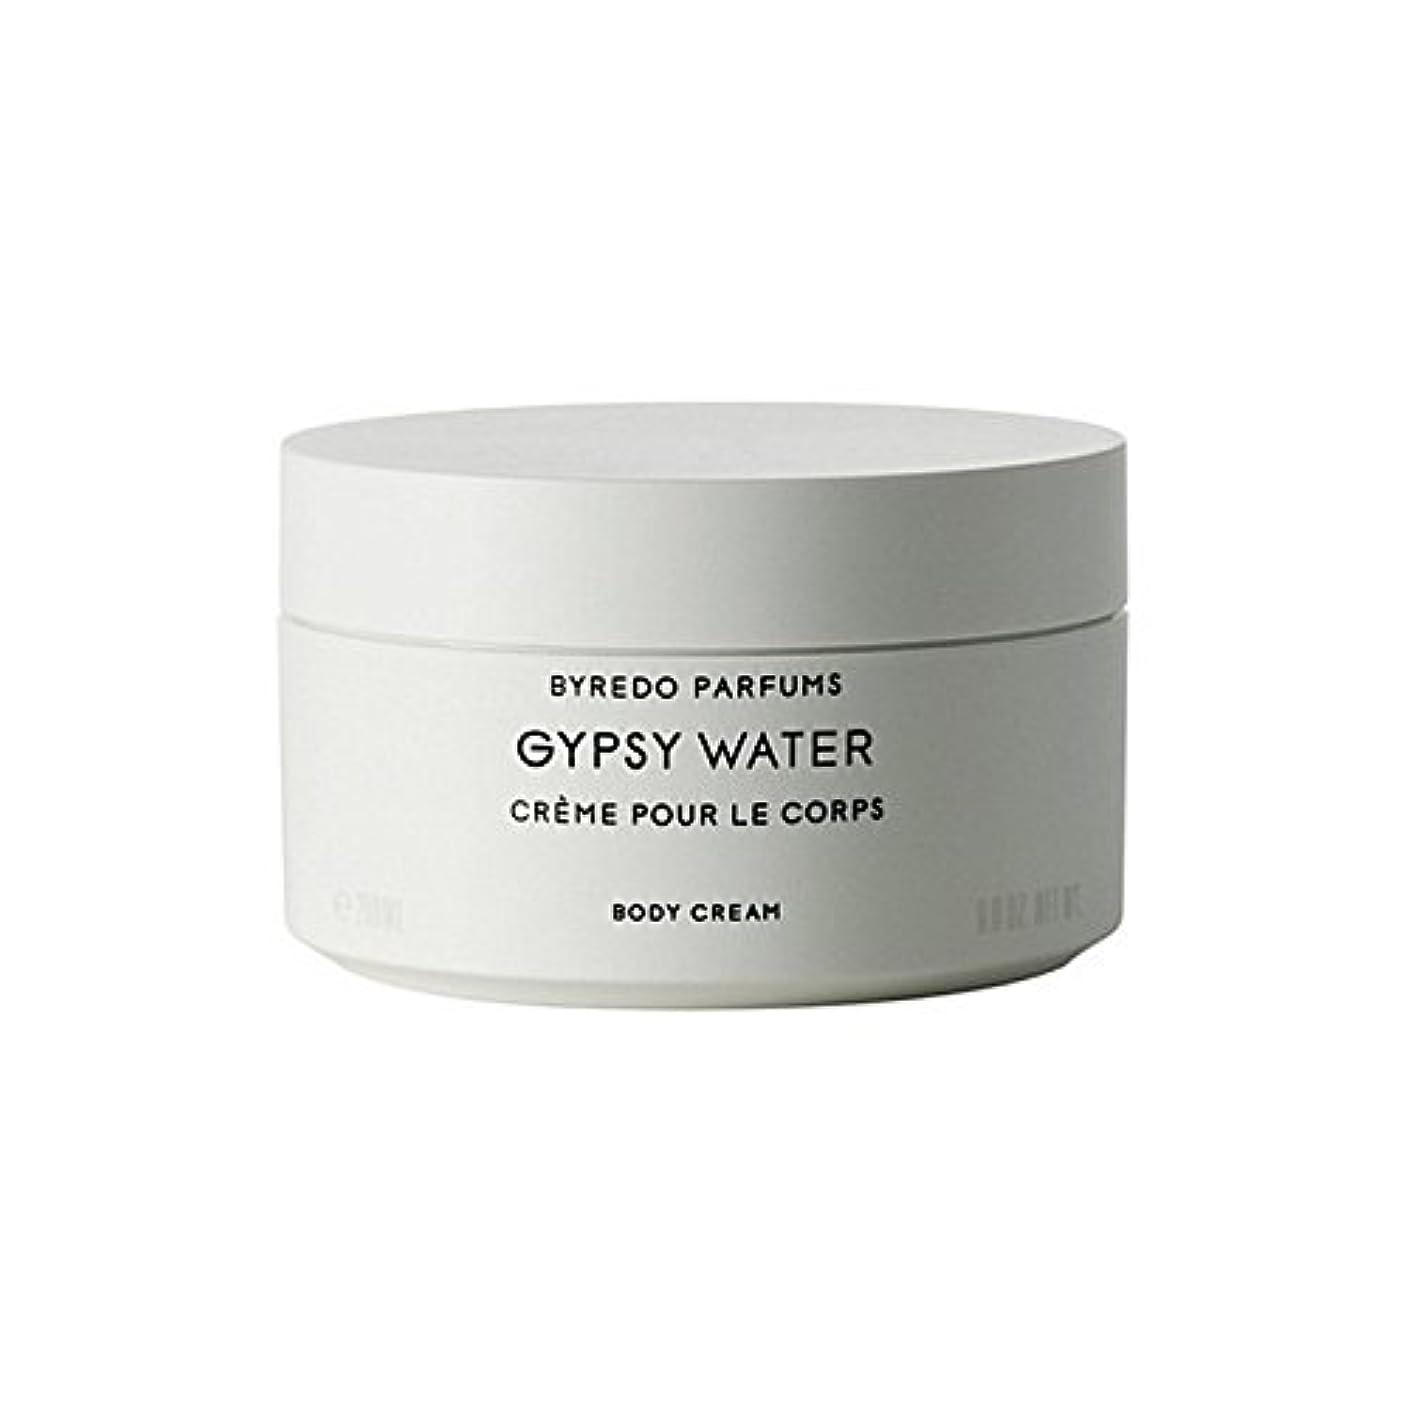 スコットランド人怒りエアコンジプシー水ボディクリーム200ミリリットル x2 - Byredo Gypsy Water Body Cream 200ml (Pack of 2) [並行輸入品]